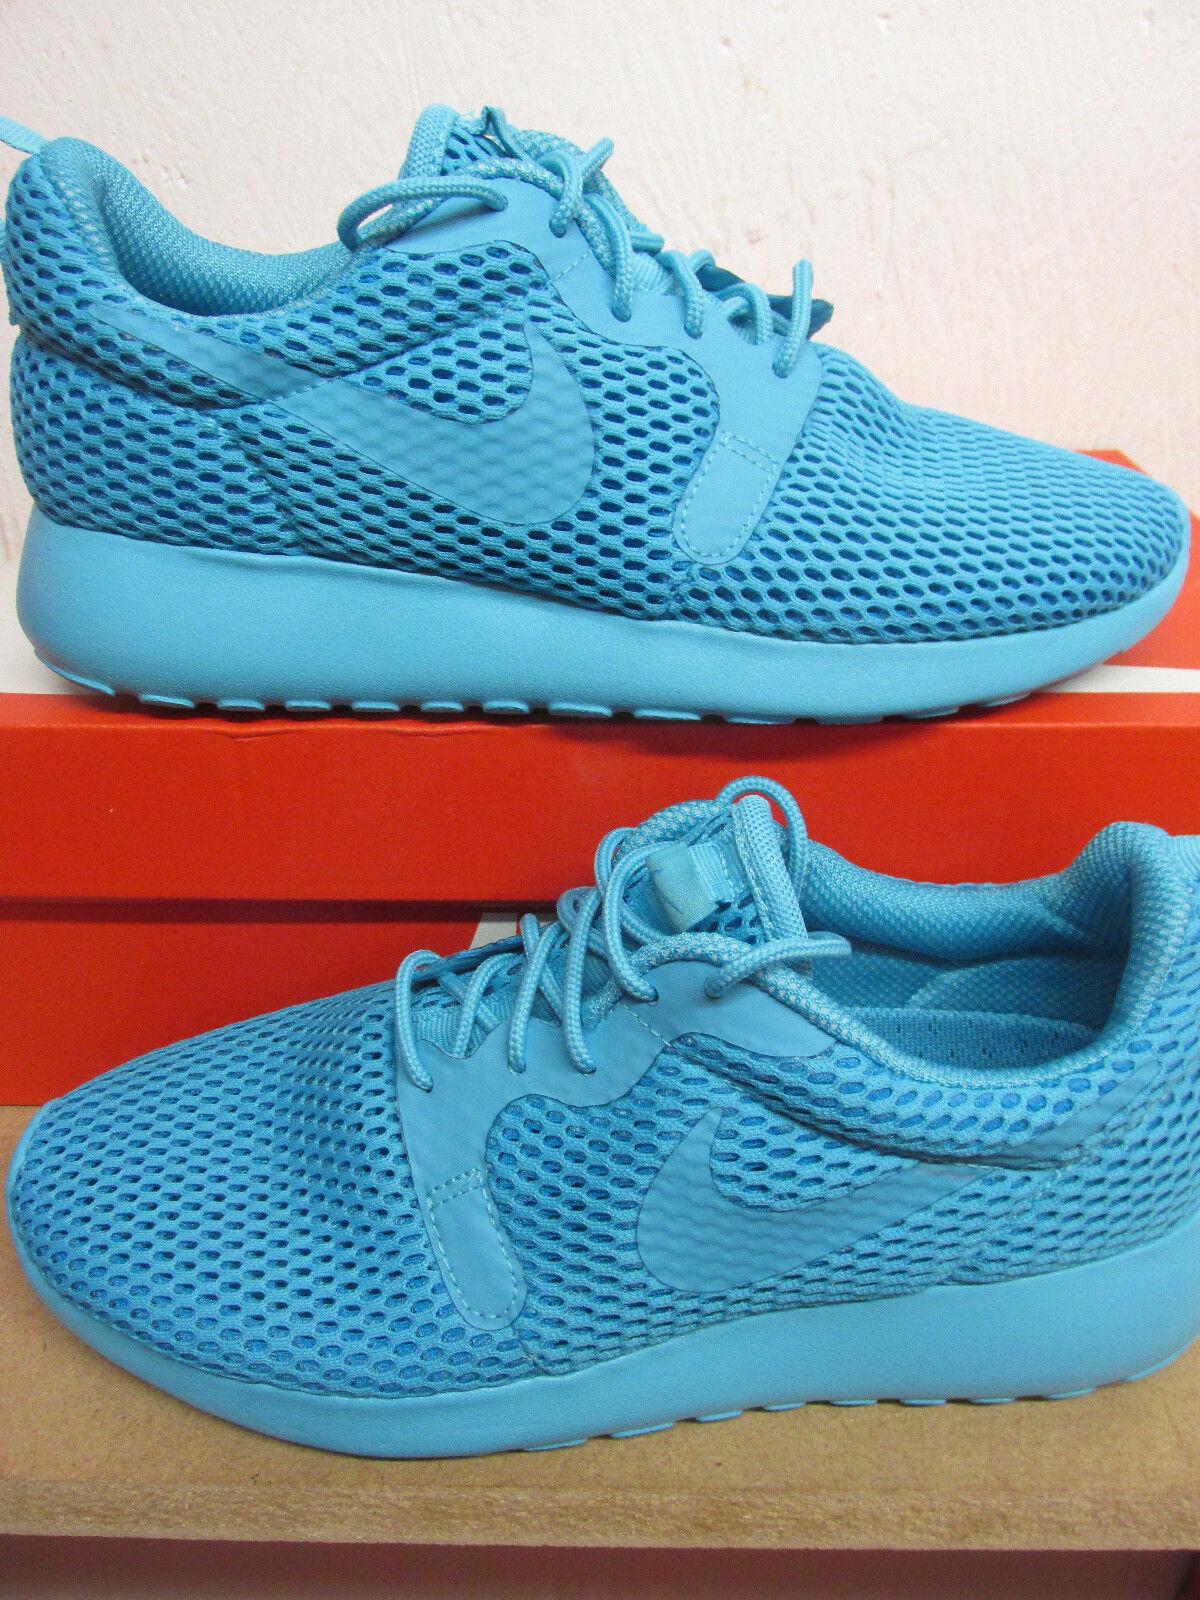 Nike Donna Roshe One Hyperfuse Br Scarpe da Corsa 833826 400 Scarpe da Tennis